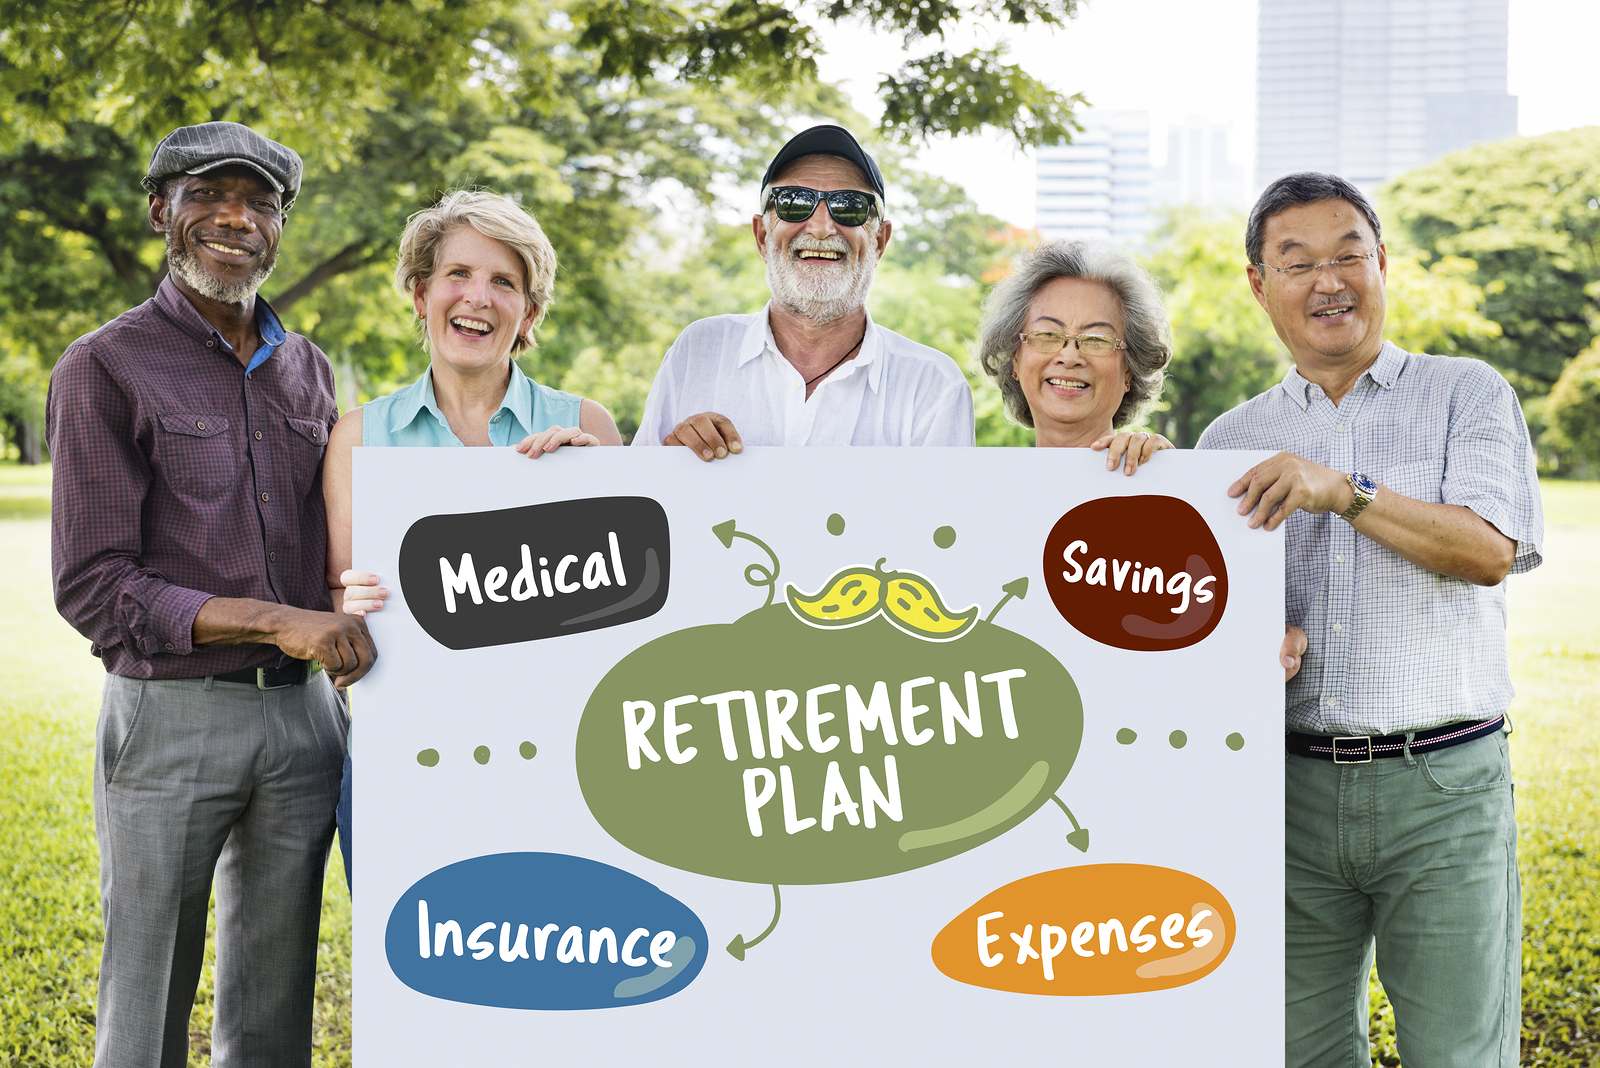 은퇴는 단순한 의미의 퇴직이 아니라 육체적, 정신적 노동에서 벗어나서 그 동안 모은 재산에서 발생하는 자산소득으로 살게 되는 시점을 의미한다. 따라서 은퇴시기는 개인에 따라서 다를 수밖에 없다.